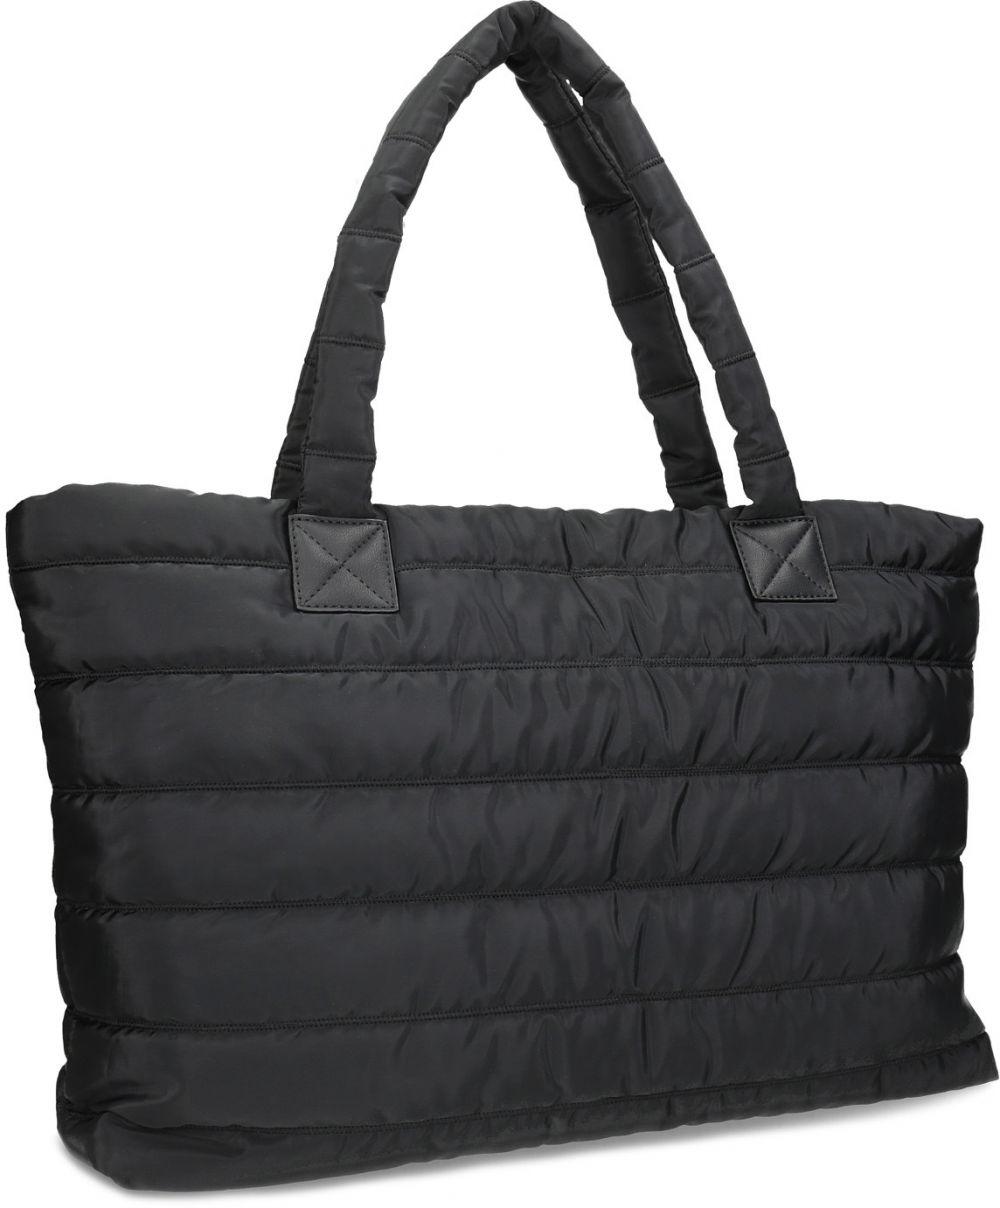 Dámská čierna kabelka s prešitím značky Baťa - Lovely.sk 742eee33112